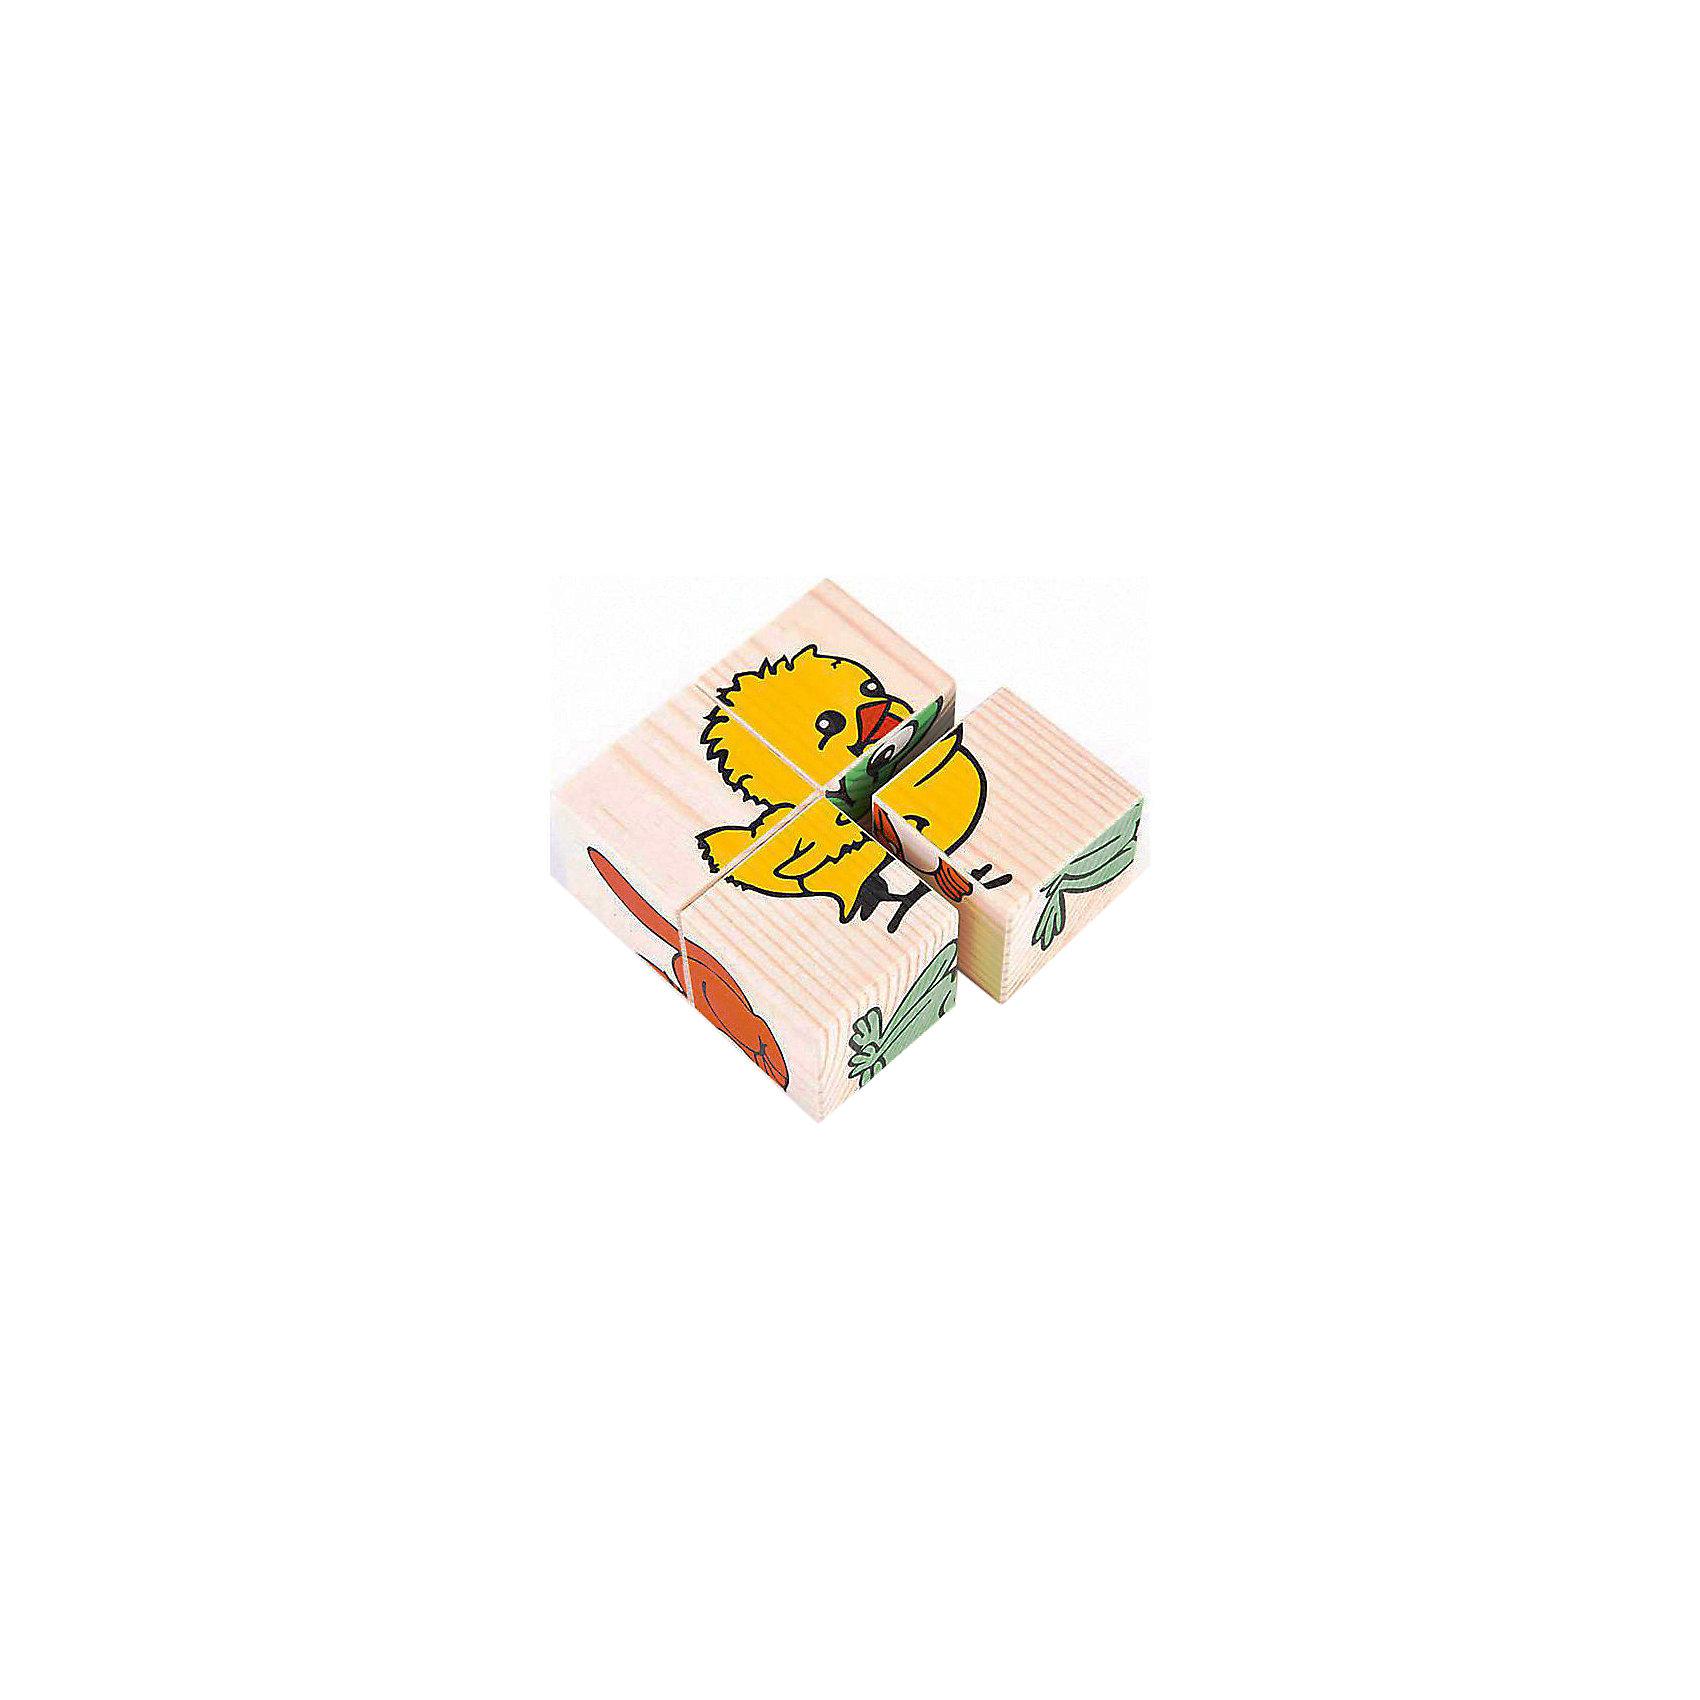 Кубики Животные, 4 штуки, ТомикКубики Животные, 4 штуки, Томик - это одна из самых популярных и необходимых игрушек для малыша.<br>Кубики Животные из серии Сложи рисунок позволят малышу собрать шесть картинок с изображением животных: поросенка, кошечки, зайчика, лягушки, цыпленка, уточки. В комплект входят: 4 кубика и 6 картинок с образцами сборки. Положите картинку-образец на дно коробочки и вместе с ребенком ищите нужный кубик, затем укладывайте его на образец. Первые картинки выкладывайте вместе с ребенком, затем он уже будет делать это самостоятельно. Играя вместе с ребенком, вы познакомите его с животными, изображенными на кубиках: как они называются, что они едят, где живут, как они говорят. Прочитайте или расскажите ребенку сказку про этих животных. Удобные по размеру грани кубика (4 см) позволяют играть в них даже самым маленьким. Кроме того, кубики можно запросто использовать как конструктор — строить домики, башни и крепости — фантазия ребенка не будет ограничена ничем. Игра с кубиками развивает зрительное восприятие, наблюдательность и внимание, мелкую моторику рук. Ребенок научится складывать целостный образ из частей, определять детали изображения. Красочные кубики изготовлены из древесины хвойных пород. Рисунки нанесены методом шелкографии. Изображения очень износоустойчивые. Материалы экологически чистые и имеют гигиенические заключения, разрешающие изготовление из них детских игрушек.<br><br>Дополнительная информация:<br><br>- Количество кубиков: 4<br>- Размер кубика: 4 х 4 х 4 см.<br>- Размер упаковки: 9 х 9 х 4 см.<br>- Вес: 0,175 кг.<br>- Упаковка: картонная коробка без крышки<br><br>Кубики Животные, 4 штуки, Томик можно купить в нашем интернет-магазине.<br><br>Ширина мм: 90<br>Глубина мм: 90<br>Высота мм: 40<br>Вес г: 180<br>Возраст от месяцев: 24<br>Возраст до месяцев: 60<br>Пол: Унисекс<br>Возраст: Детский<br>SKU: 3650278